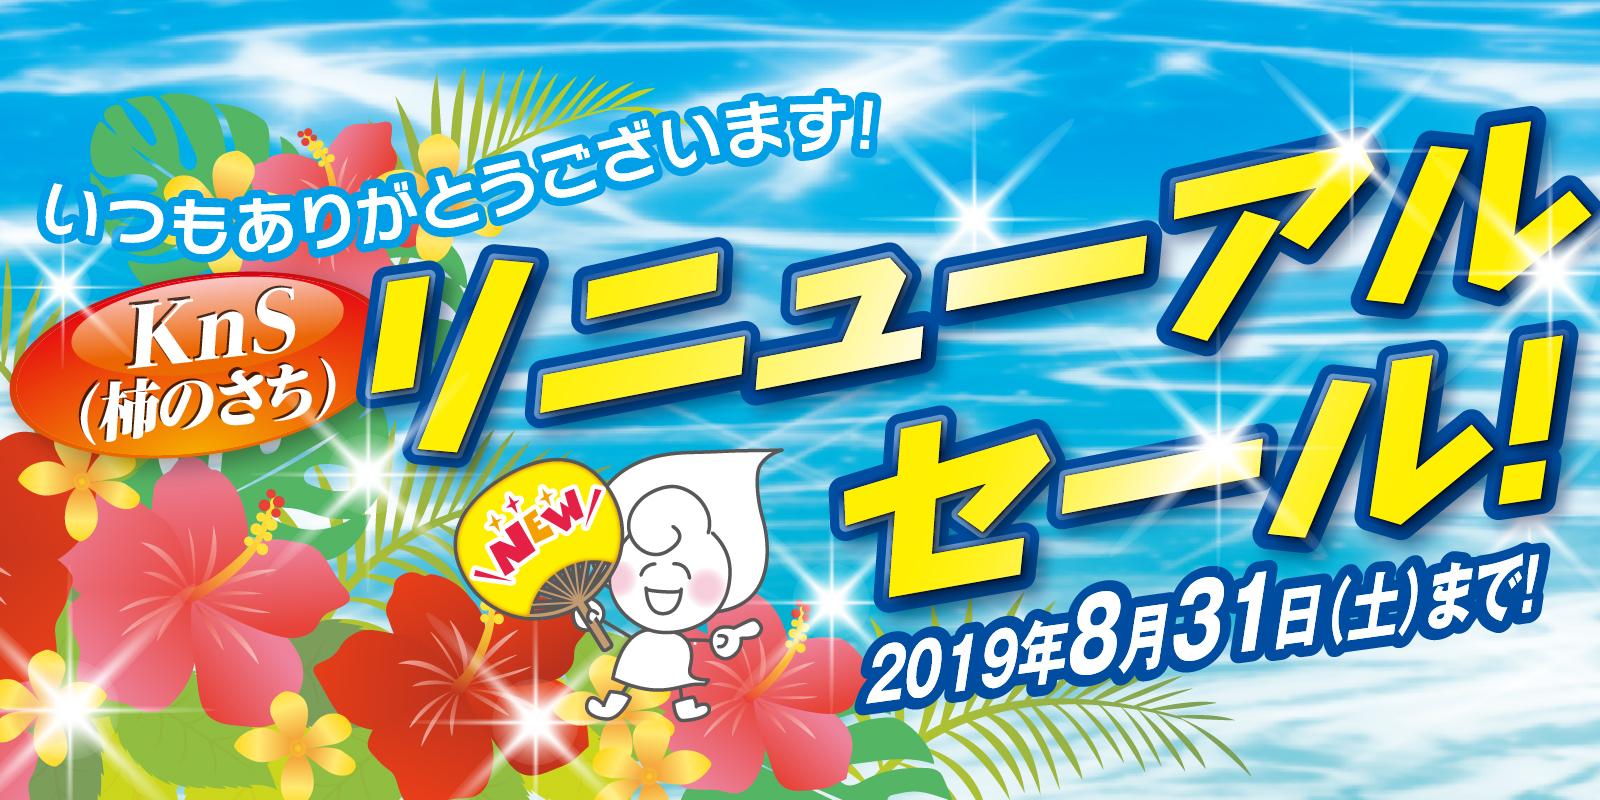 2019年柿渋石鹸リニューアルセールTOPバナー